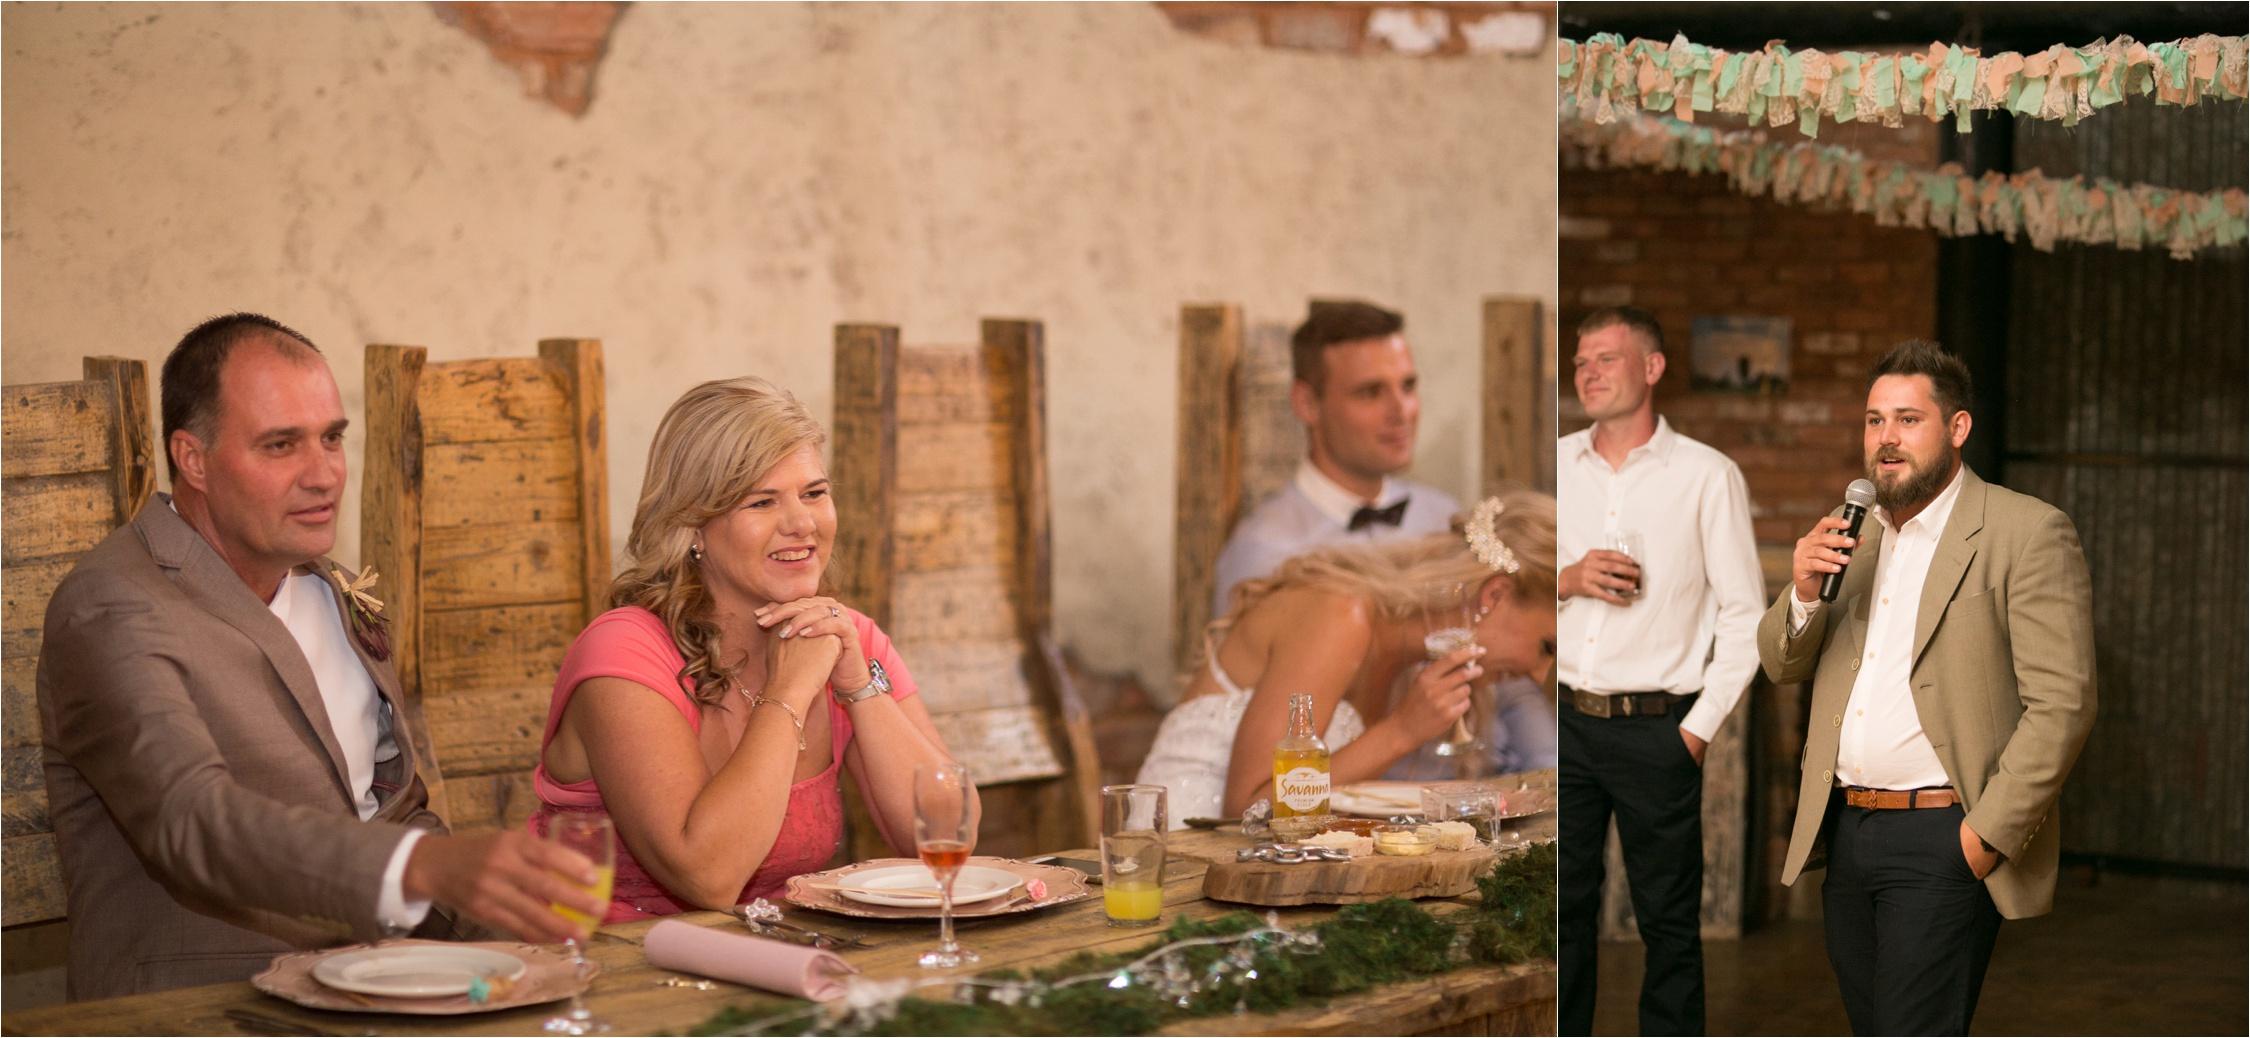 Die_Waenhuiskraal_wedding_Alicia_Dwayne_77